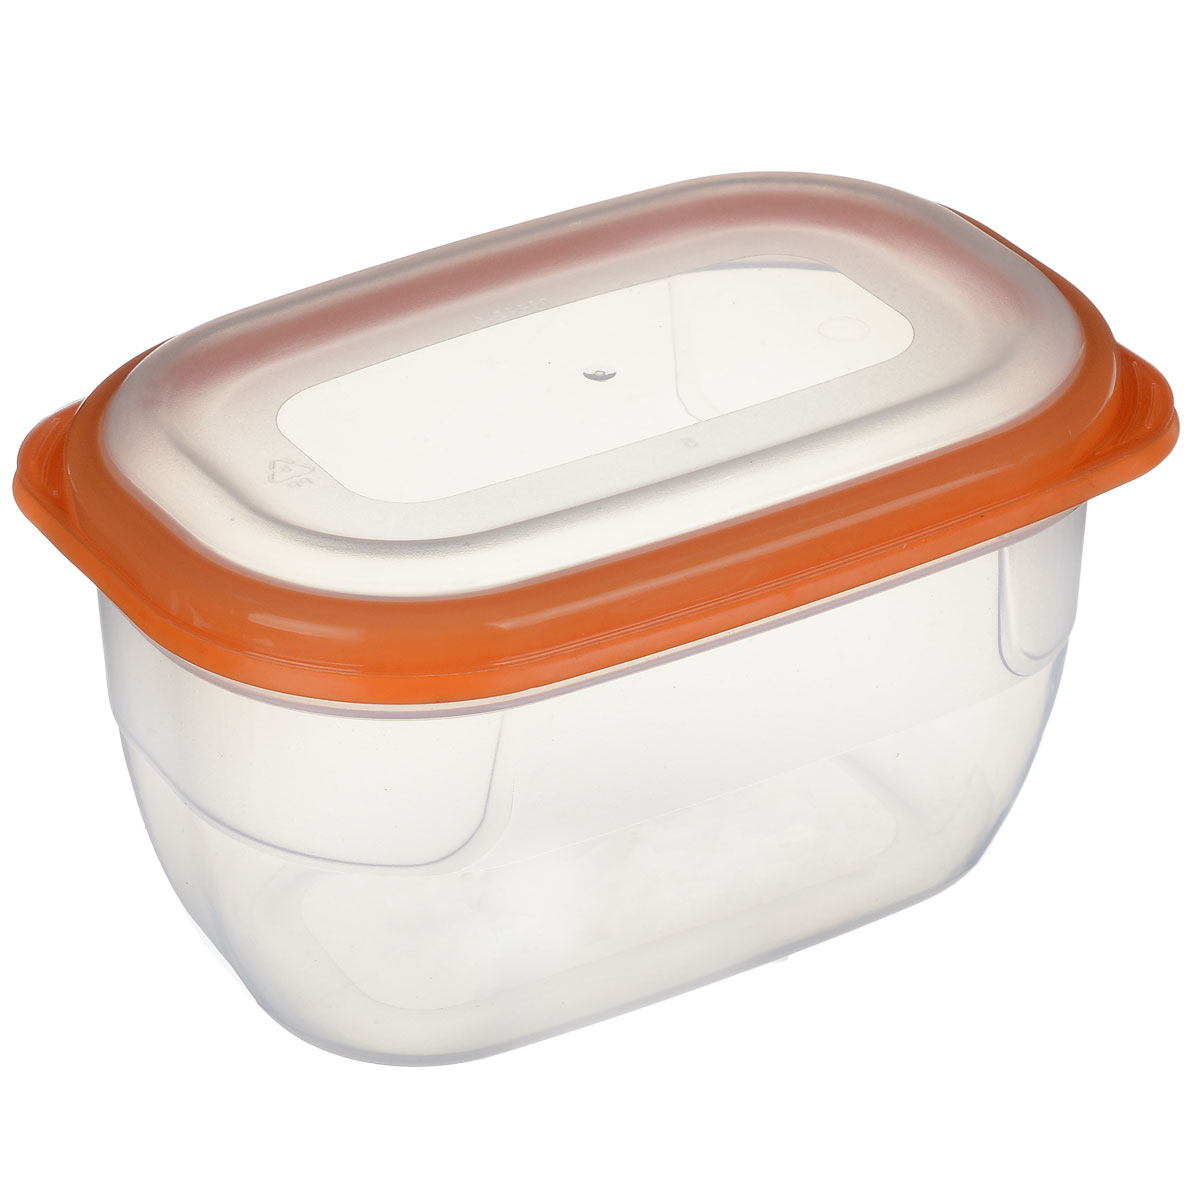 Контейнер для СВЧ Полимербыт Премиум, цвет: прозрачный, оранжевый, 750 млС561 оранжевыйКонтейнер Полимербыт Премиум прямоугольной формы, изготовленный из прочного пластика, предназначен специально для хранения пищевых продуктов. Крышка легко открывается и плотно закрывается.Контейнер устойчив к воздействию масел и жиров, легко моется. Прозрачные стенки позволяют видеть содержимое. Контейнер имеет возможность хранения продуктов глубокой заморозки, обладает высокой прочностью. Можно мыть в посудомоечной машине.Контейнер подходит для использования в микроволновой печи без крышки, а также для заморозки в морозильной камере.